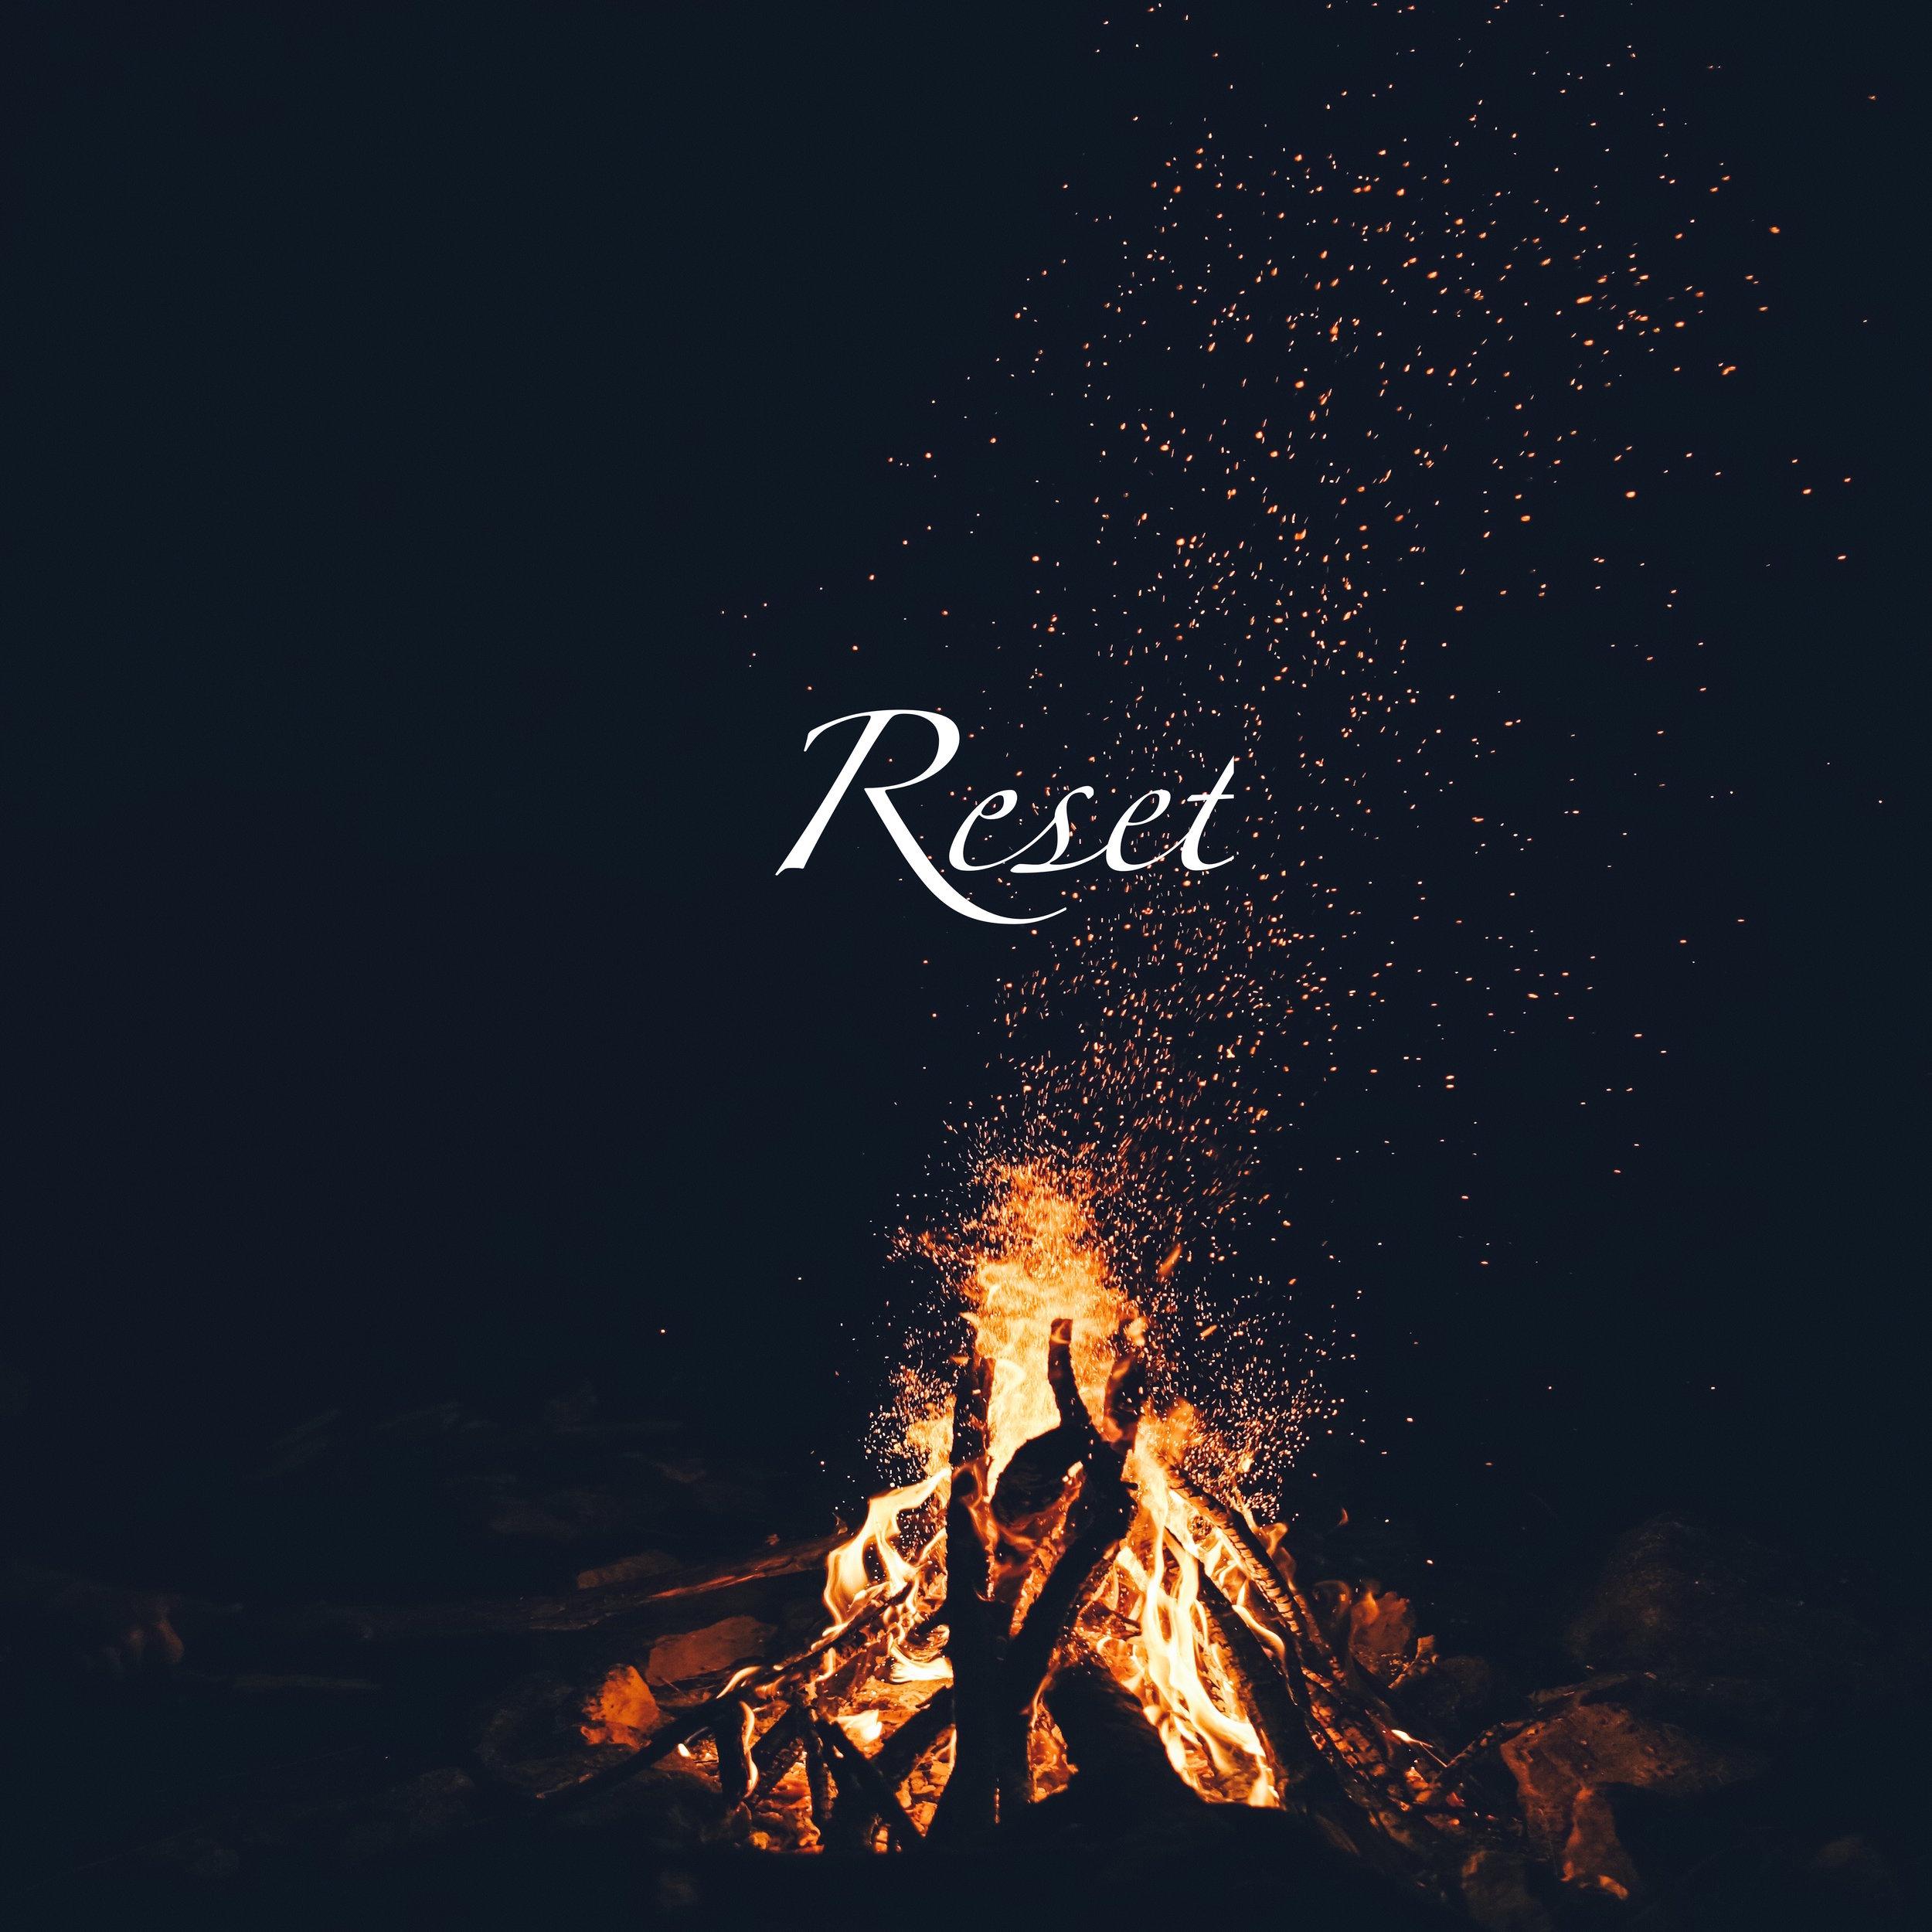 Reset Fire.jpg